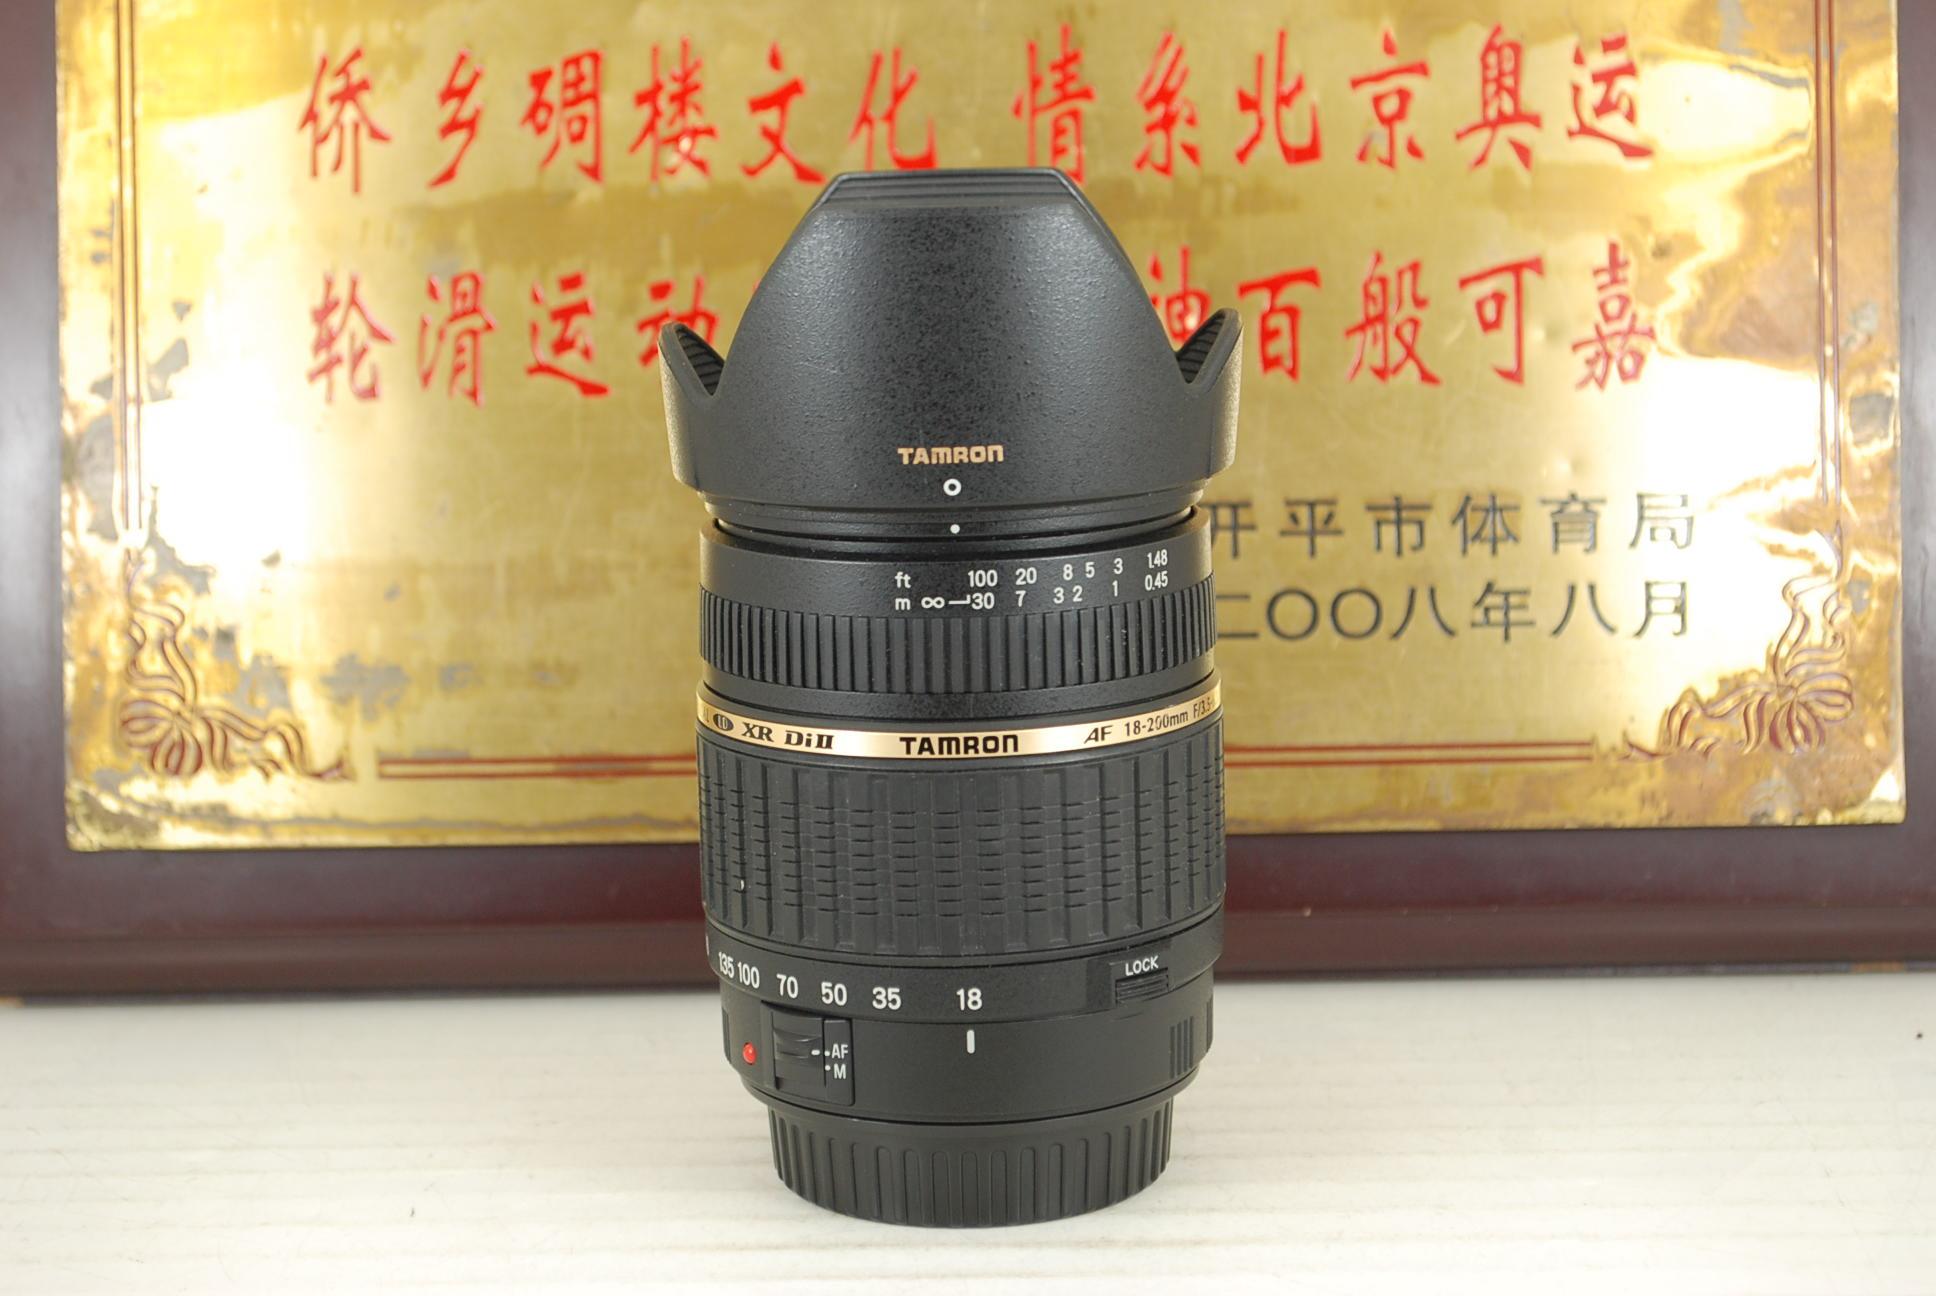 98新 佳能口 腾龙 18-200 F3.5-6.3 A14 Macro 单反镜头一镜走天下旅游